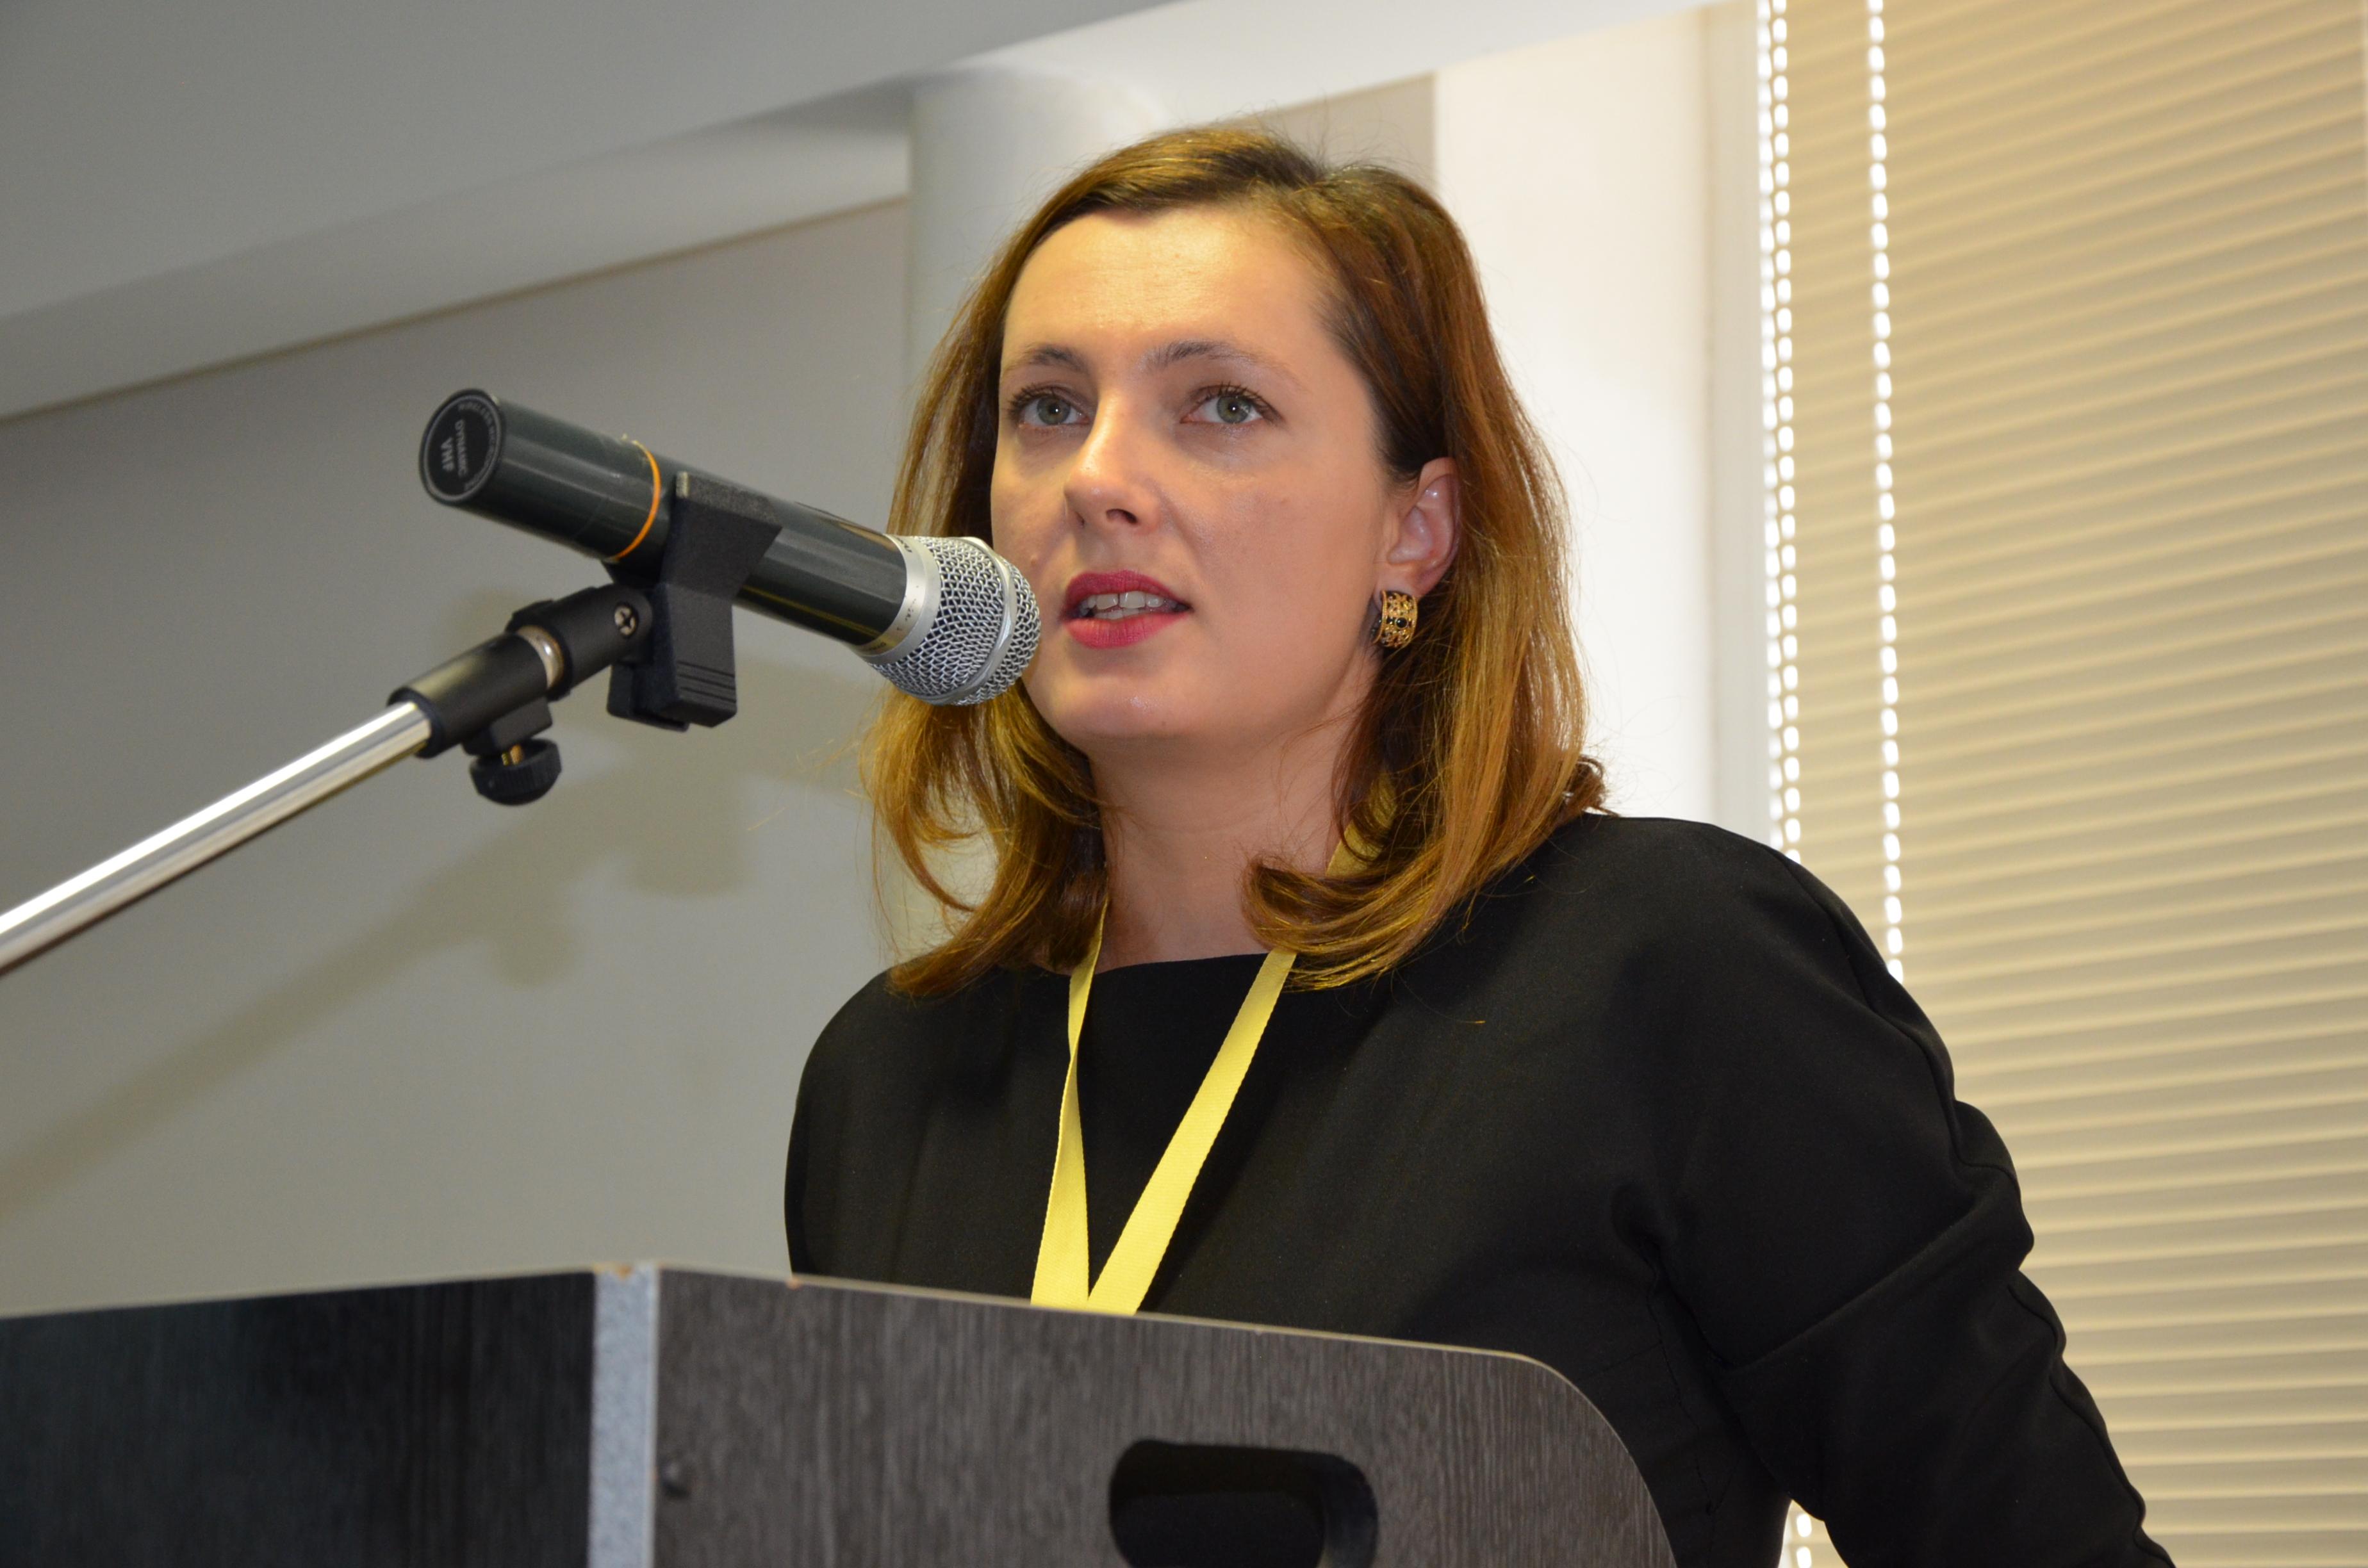 Silvia Manduľáková